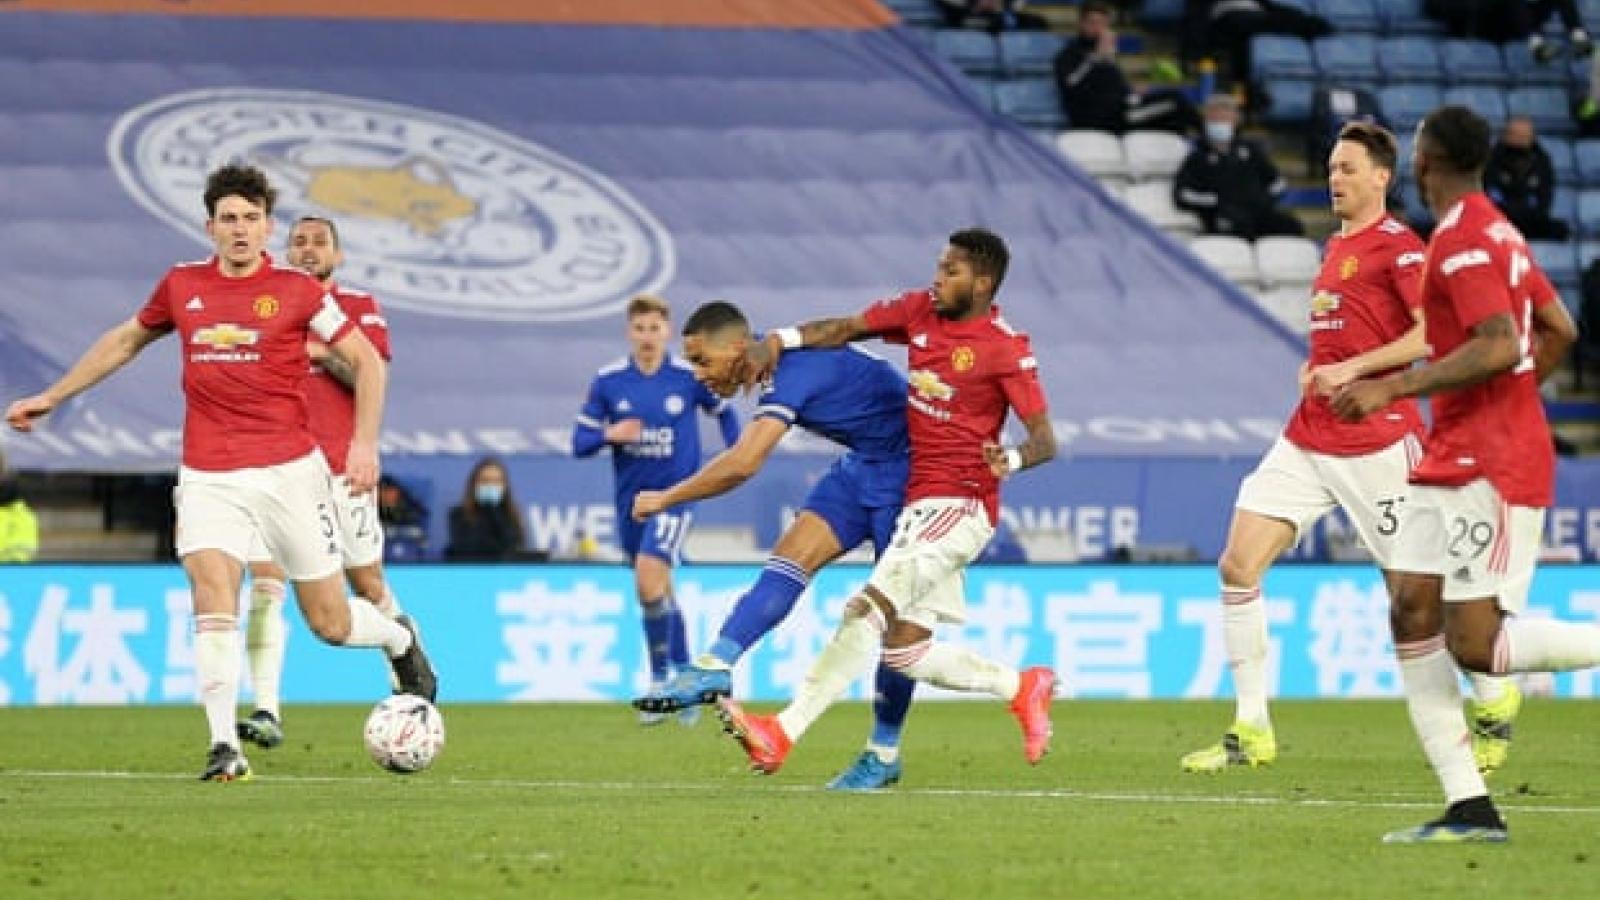 Đứt chuỗi 13 trận bất bại trước Leicester City, MU bị hất văng khỏi FA Cup